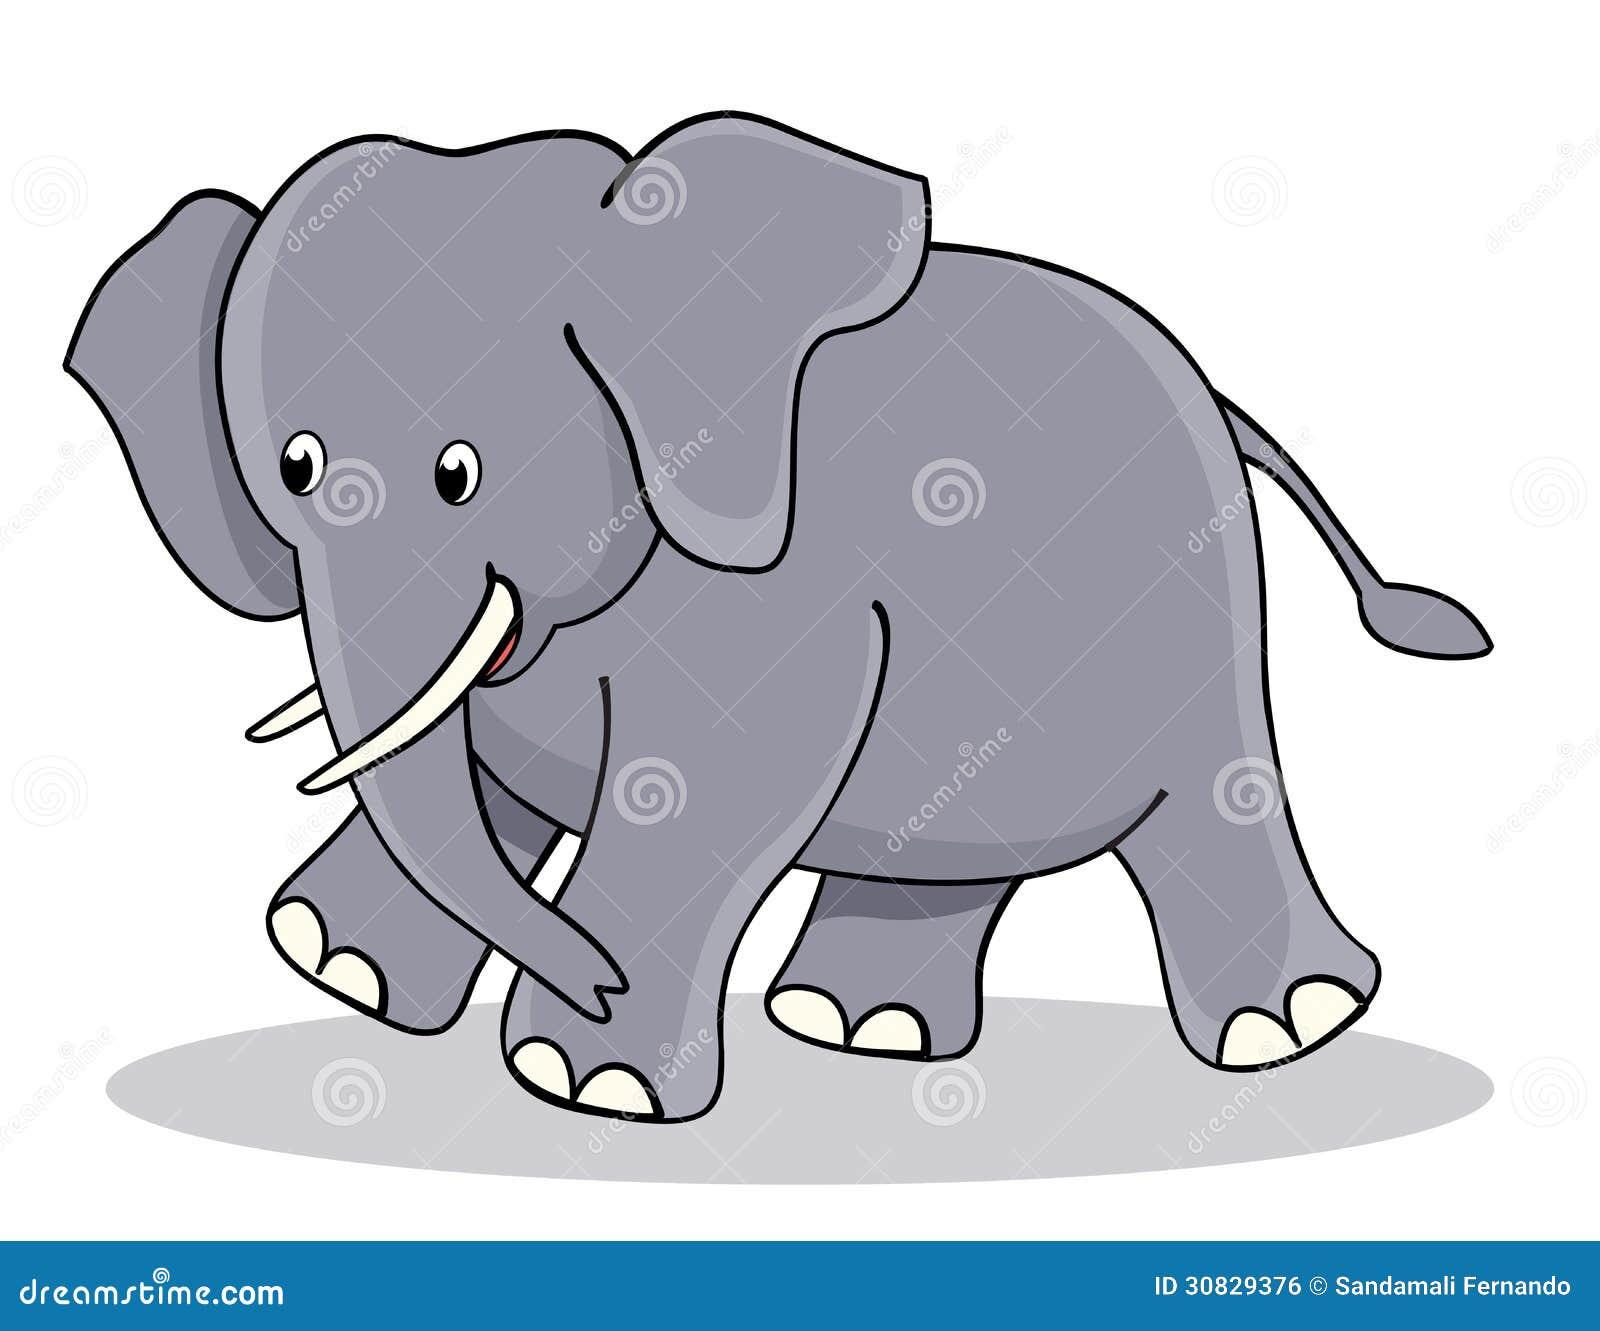 Cute Baby Elephant Royalty Free Stock Image - Image: 30829376